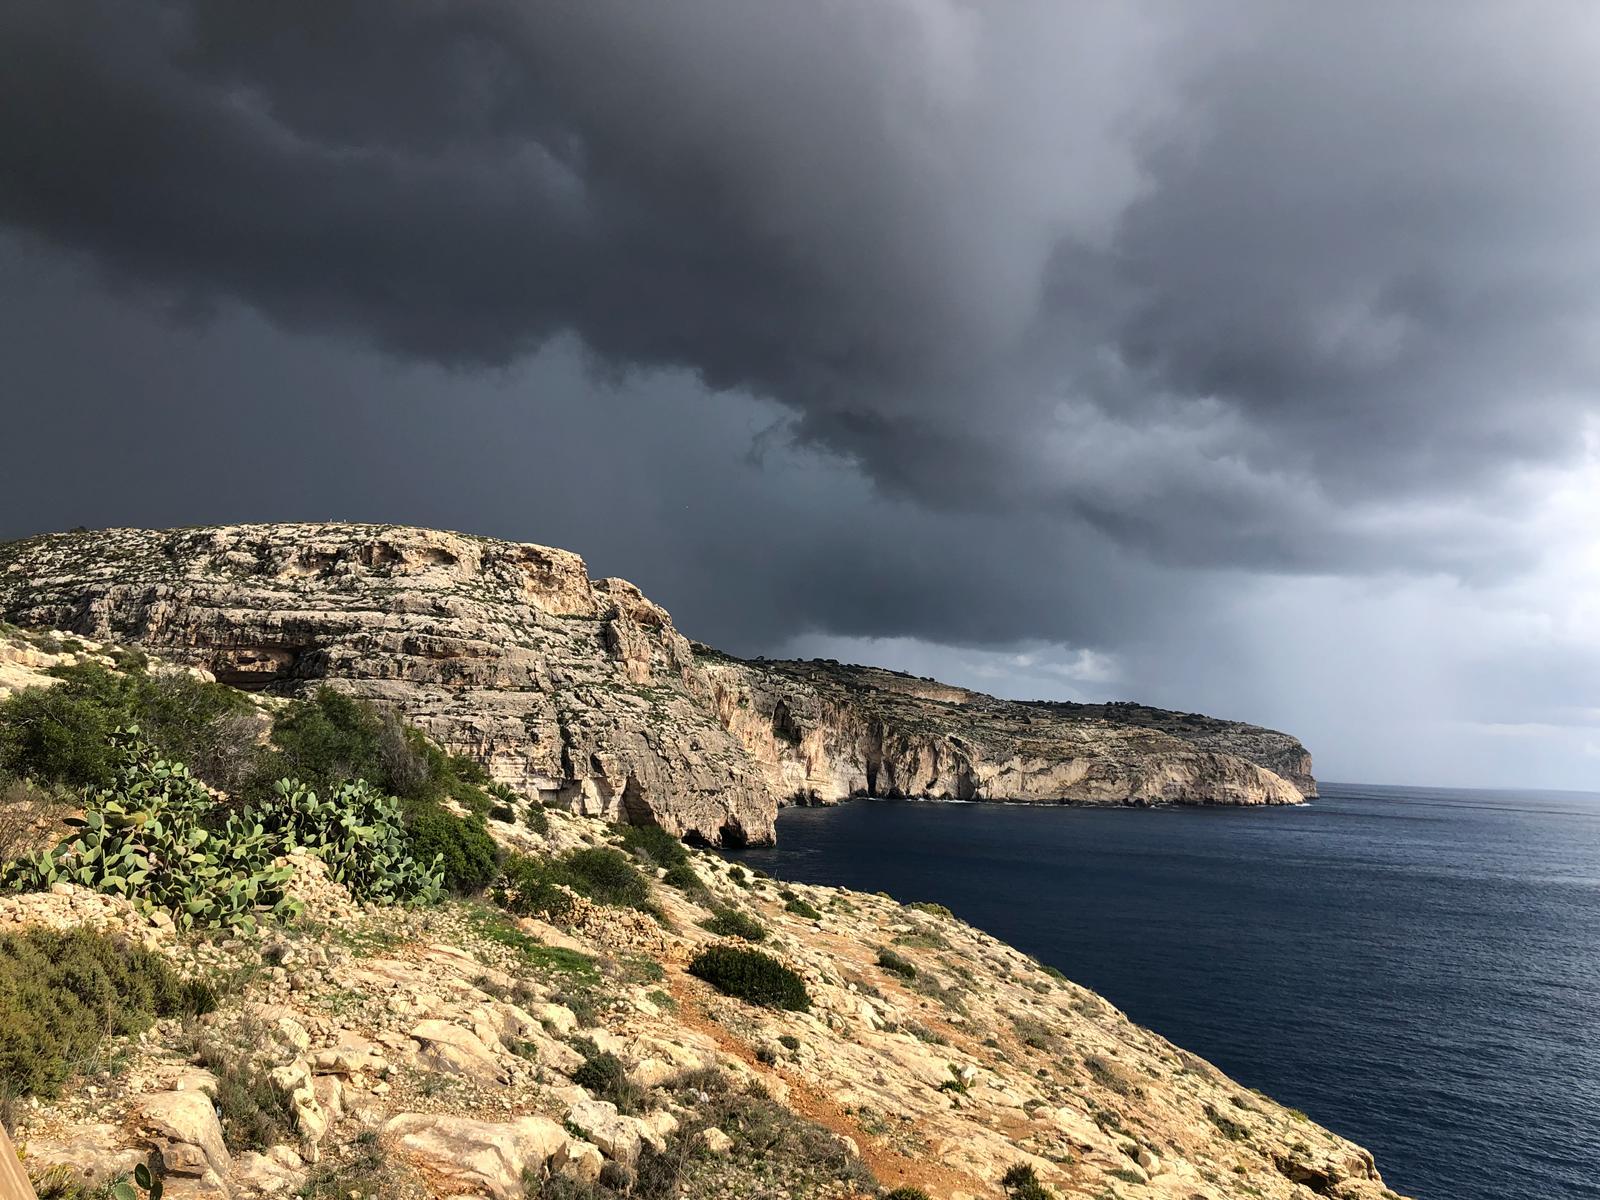 aufkommendes Gewitter bei Blue Grotto